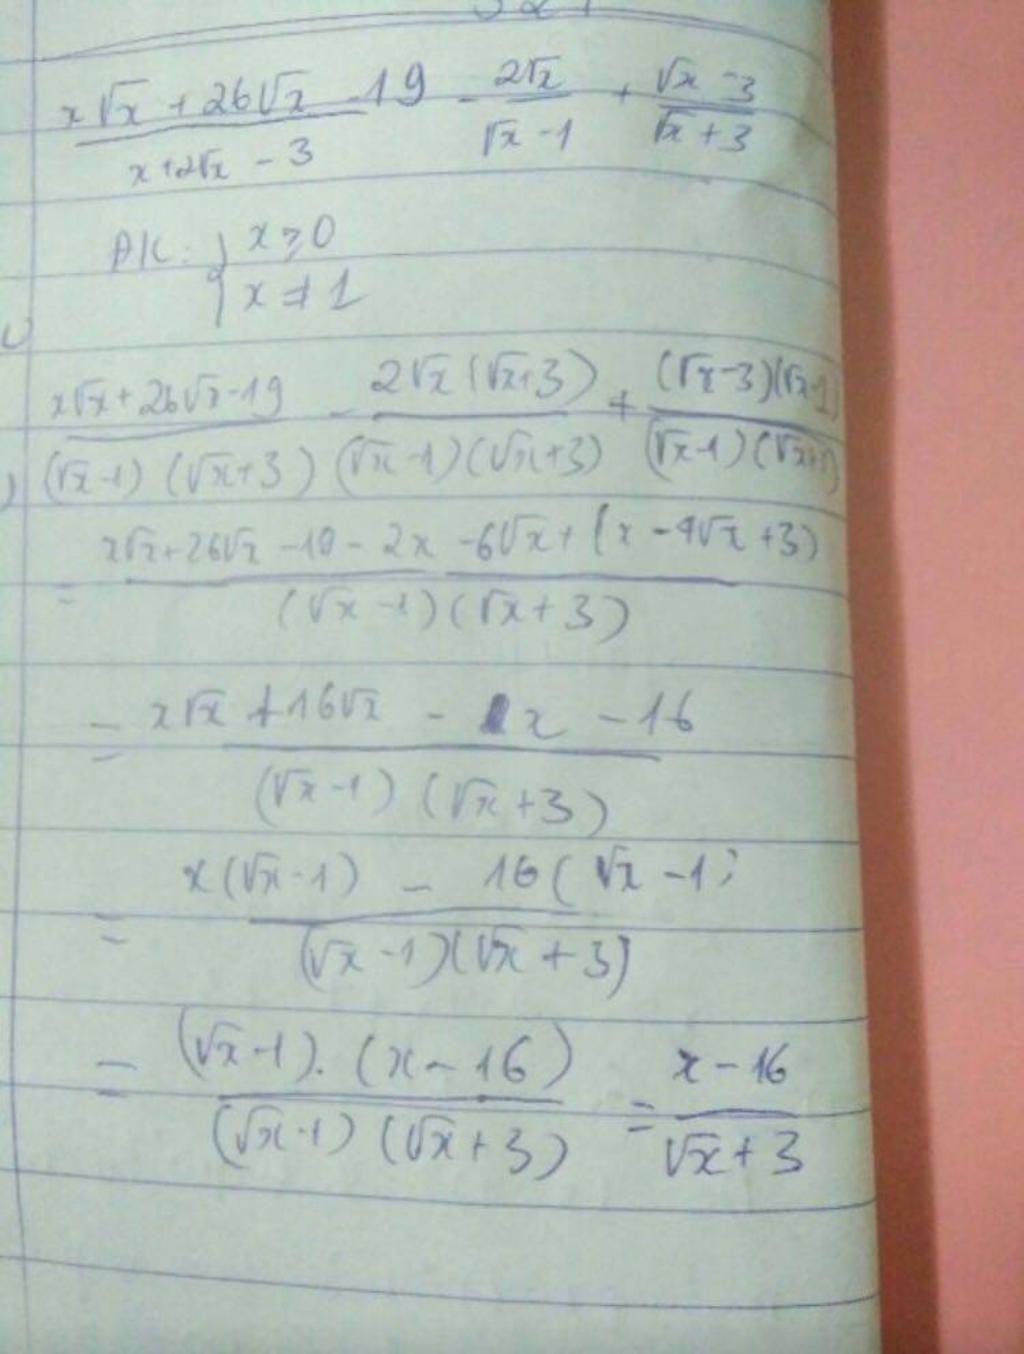 p-frac-26-19-2-3-frac-2-1-frac-3-3